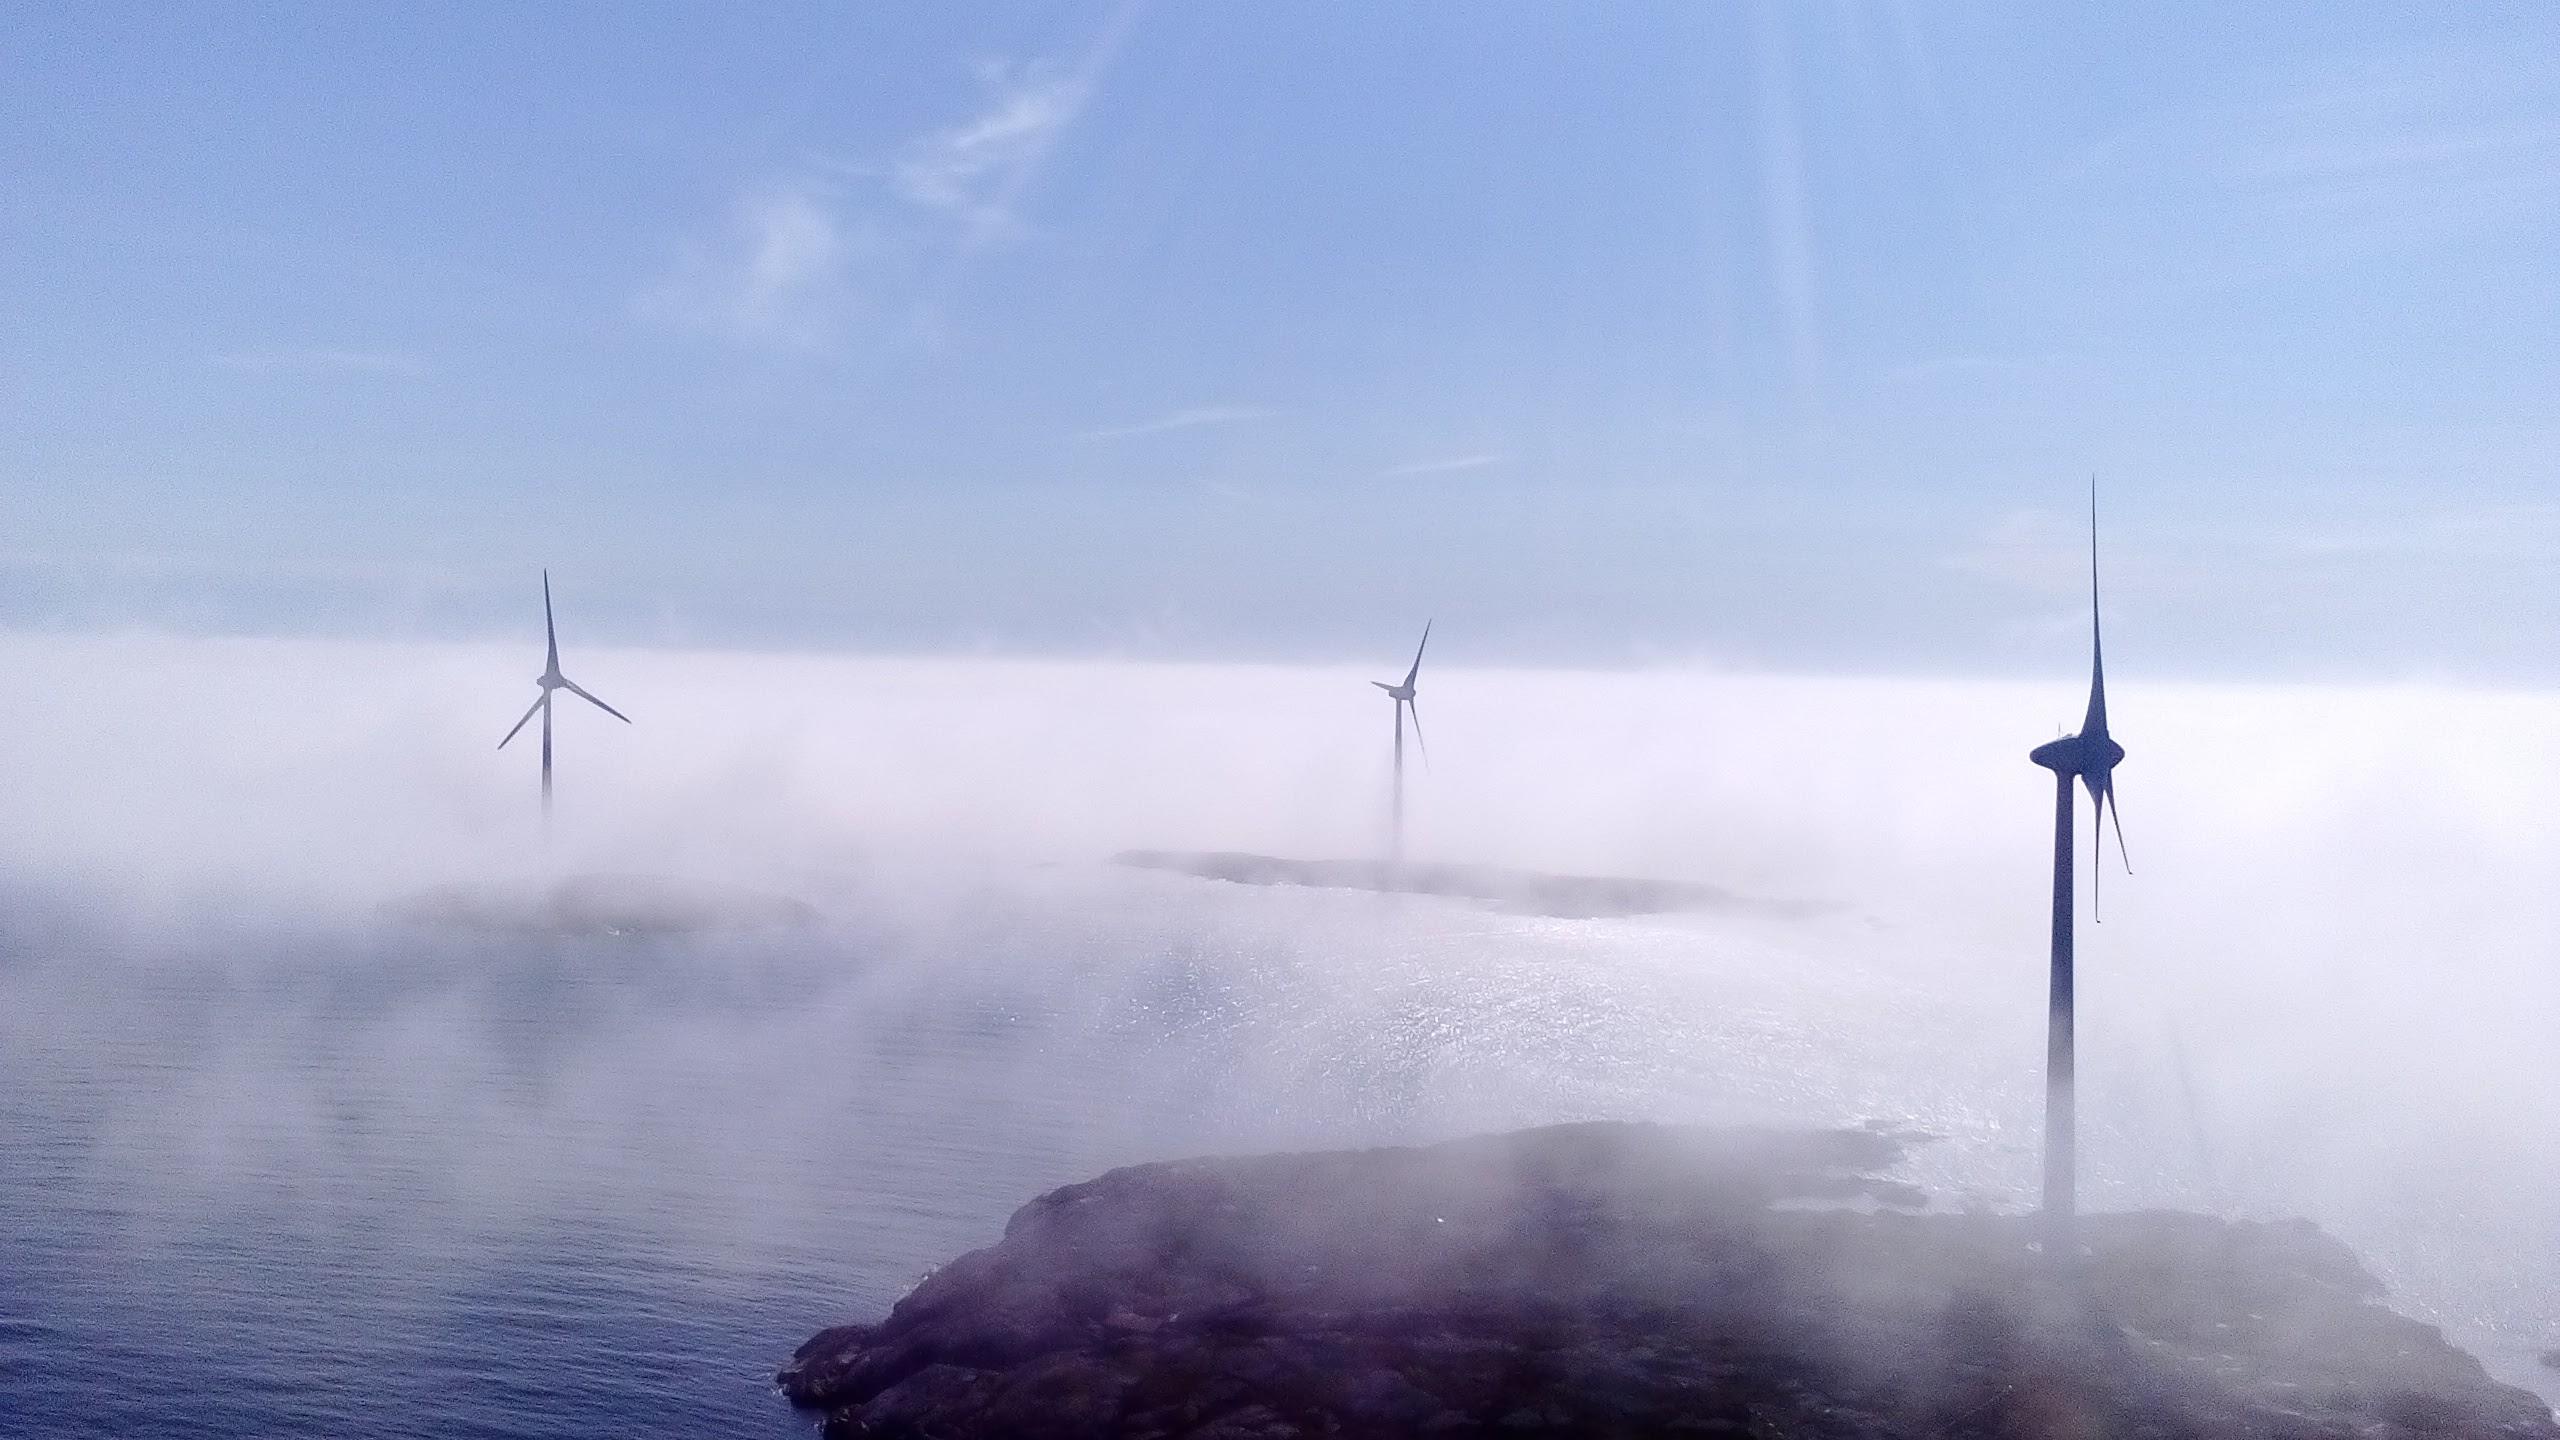 Dimma på båtskär